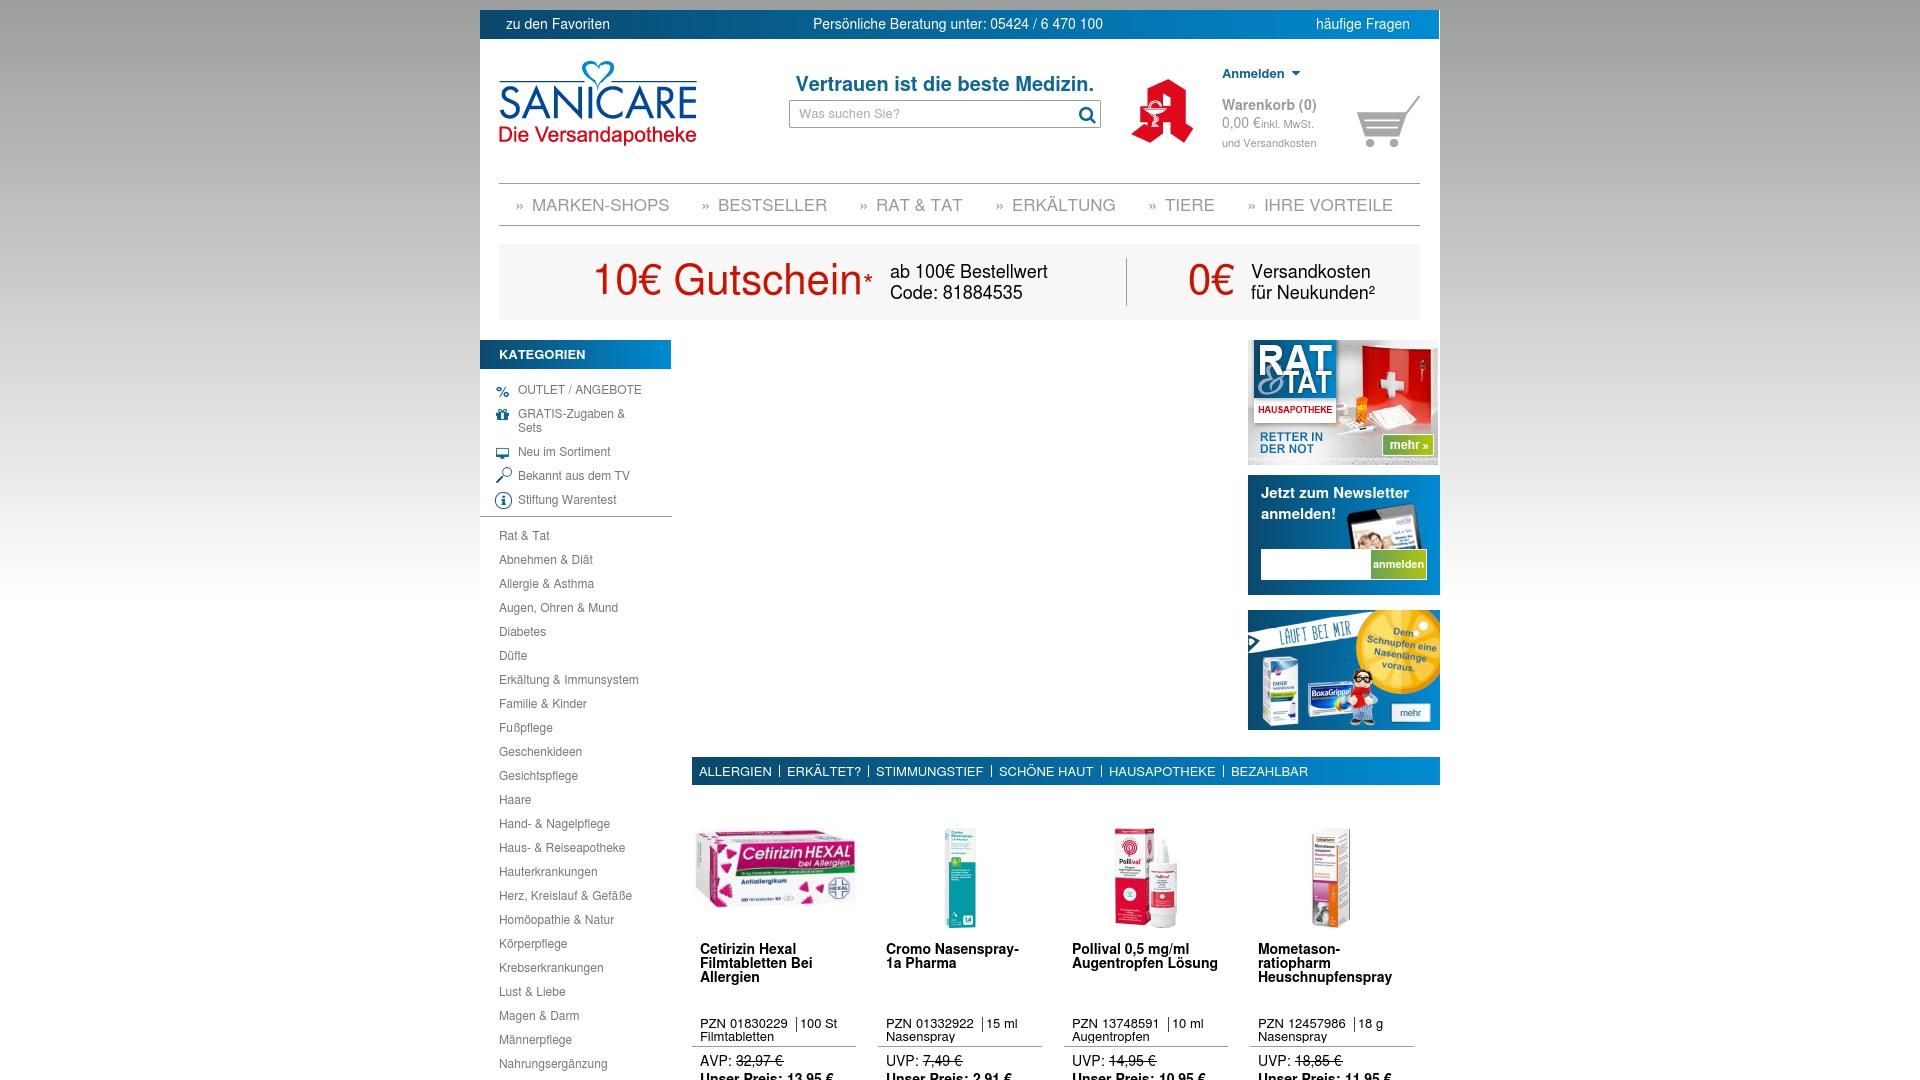 Gutschein für Sanicare: Rabatte für  Sanicare sichern